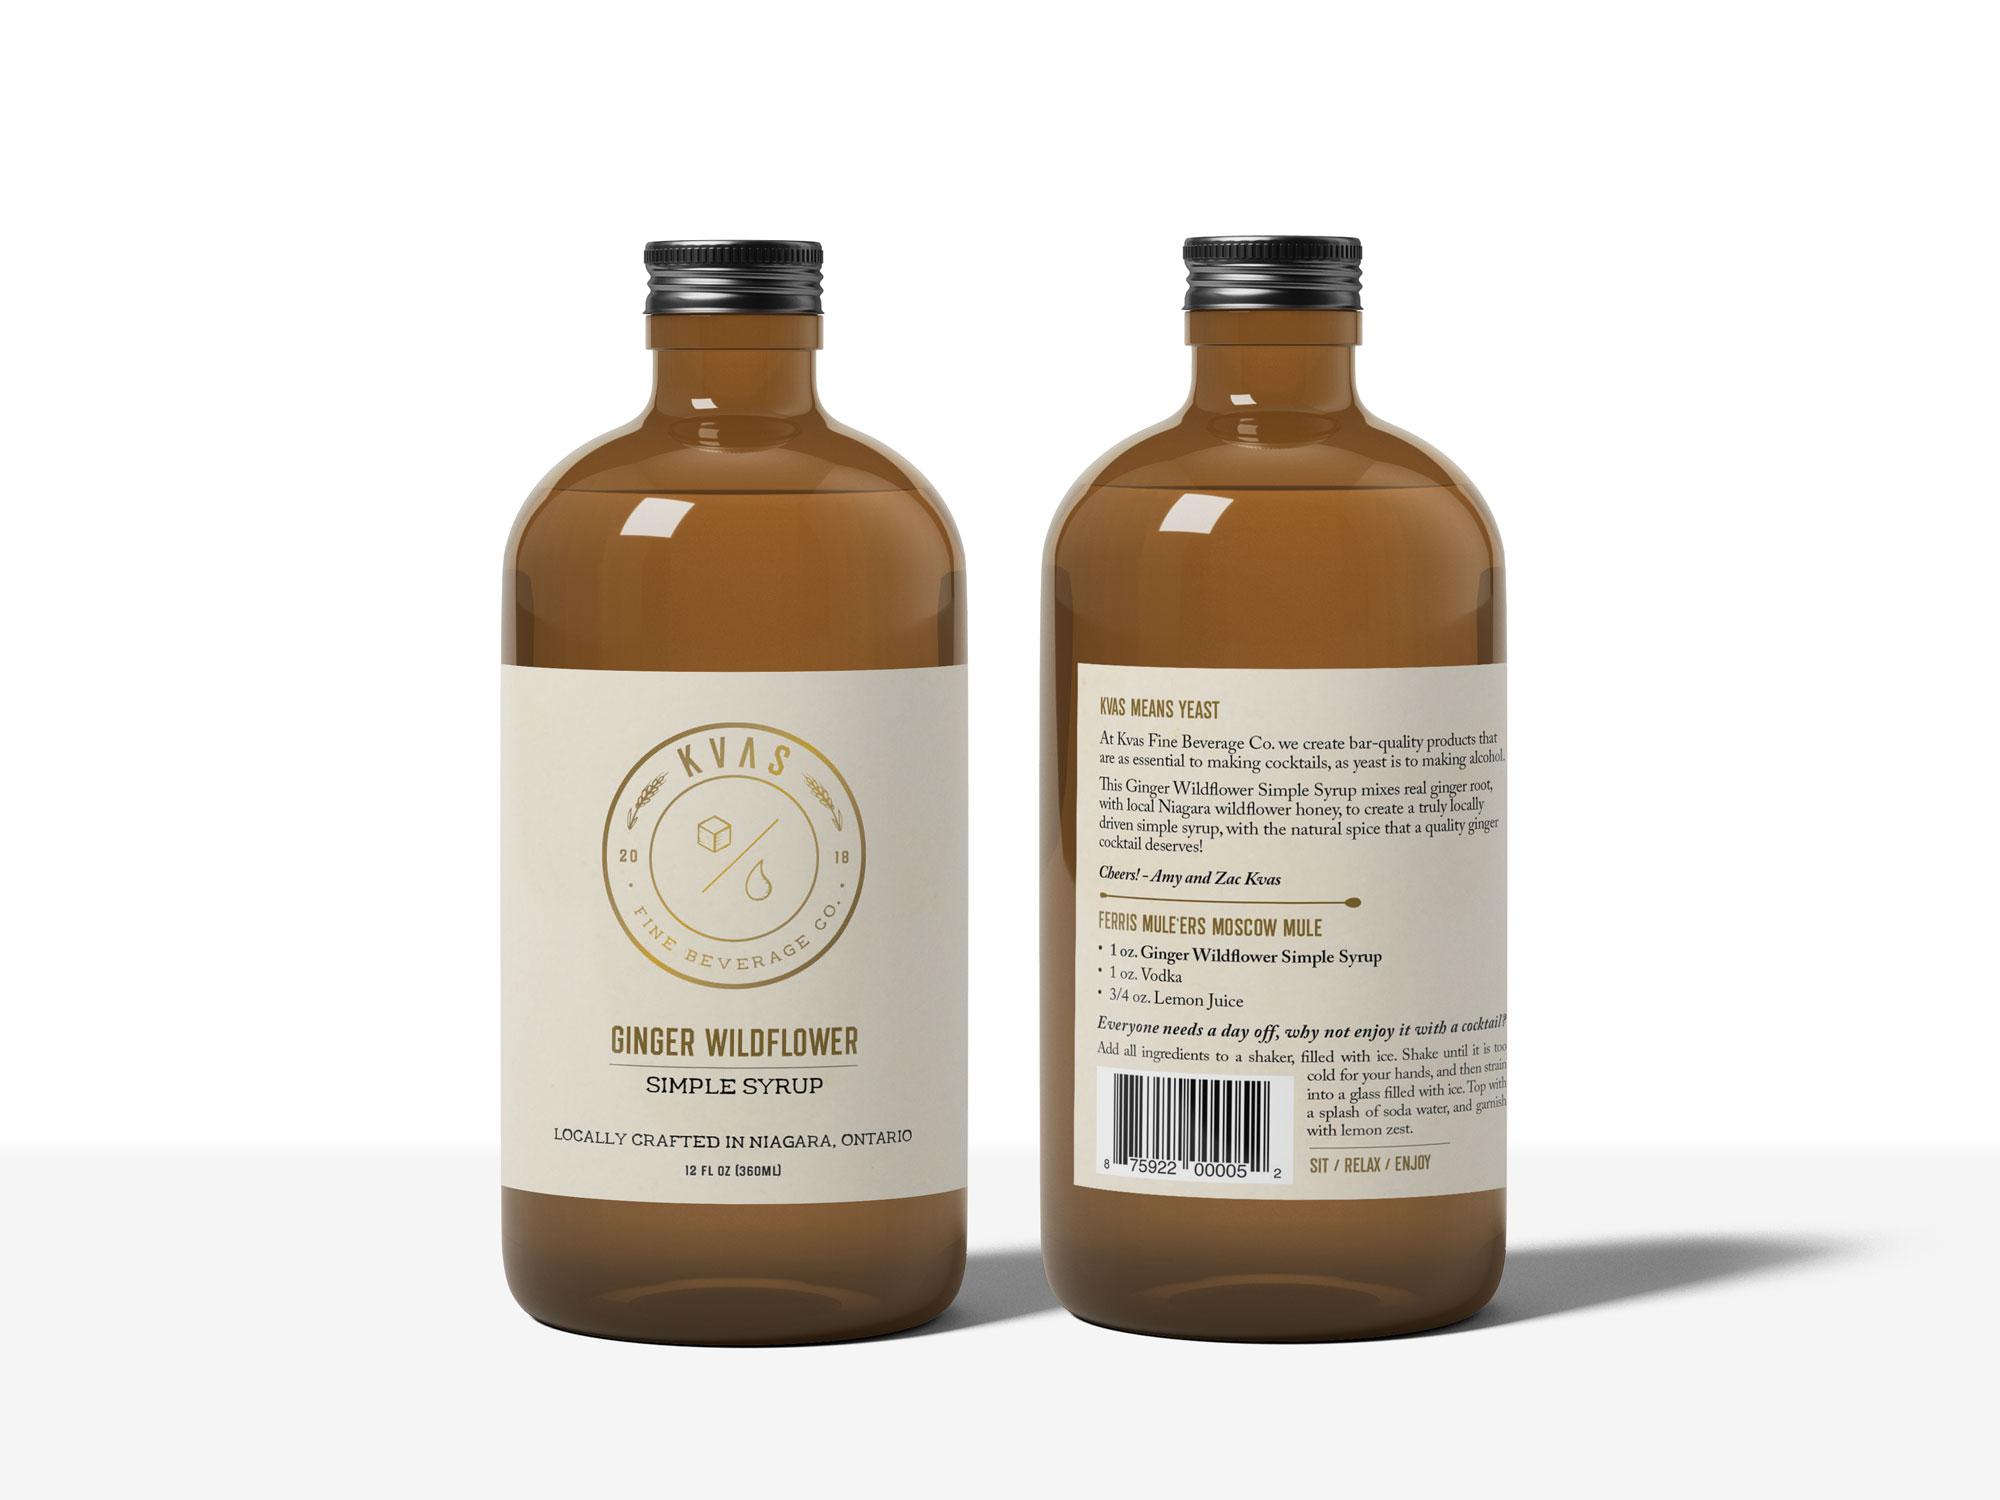 Kvas Fine Beverage Co. diner wildflower simple syrup label design.